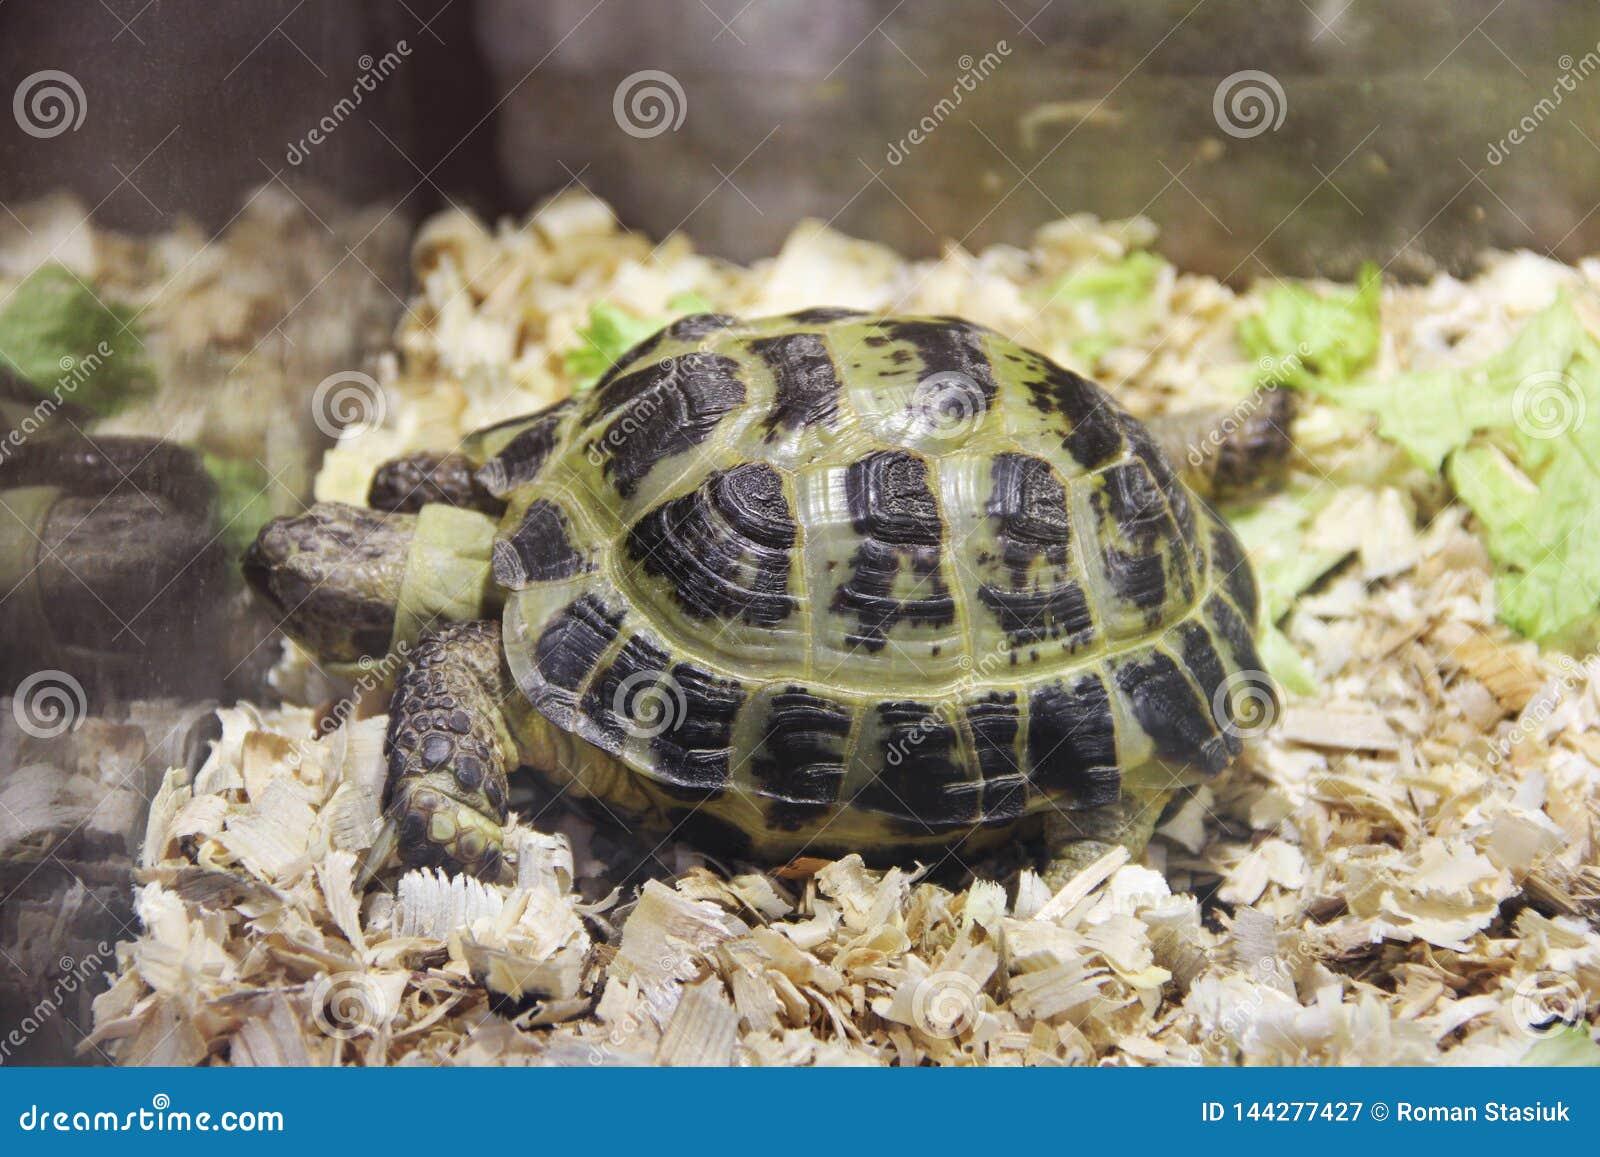 Turtle in a terrarium